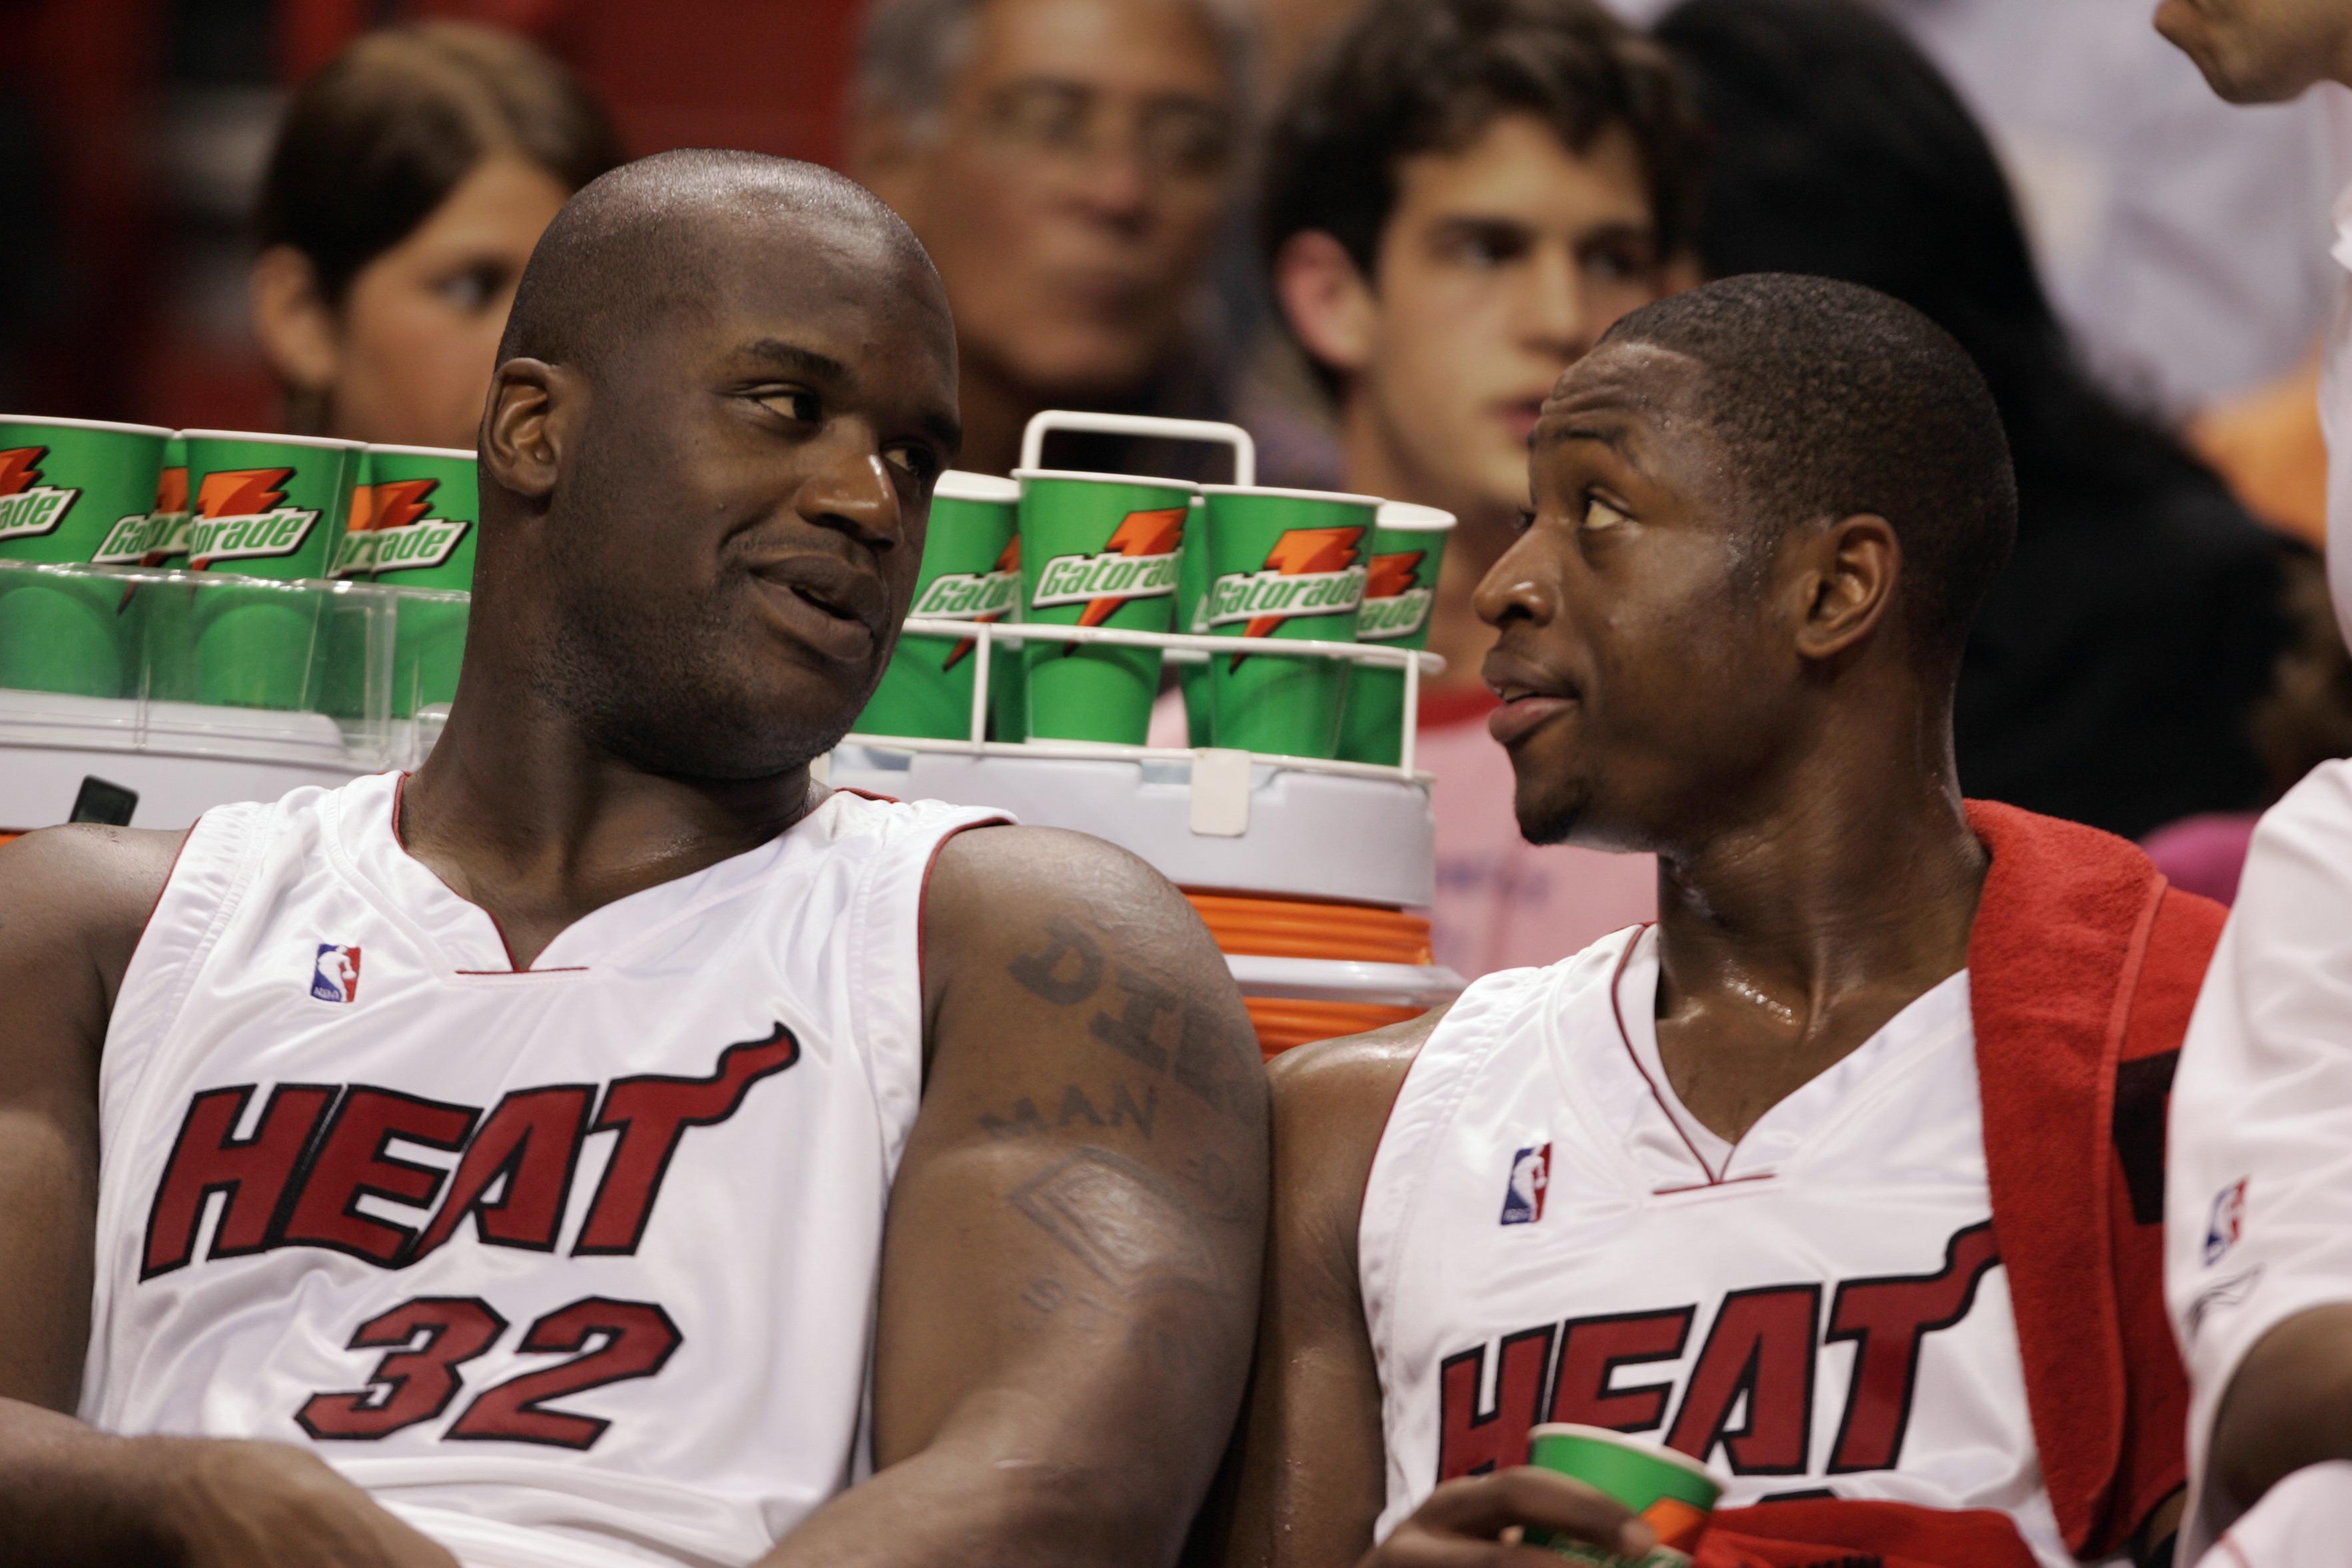 e1b079ea668e UNITED STATES - MARCH 07  Basketball  Closeup of Miami Heat Shaquille O Neal